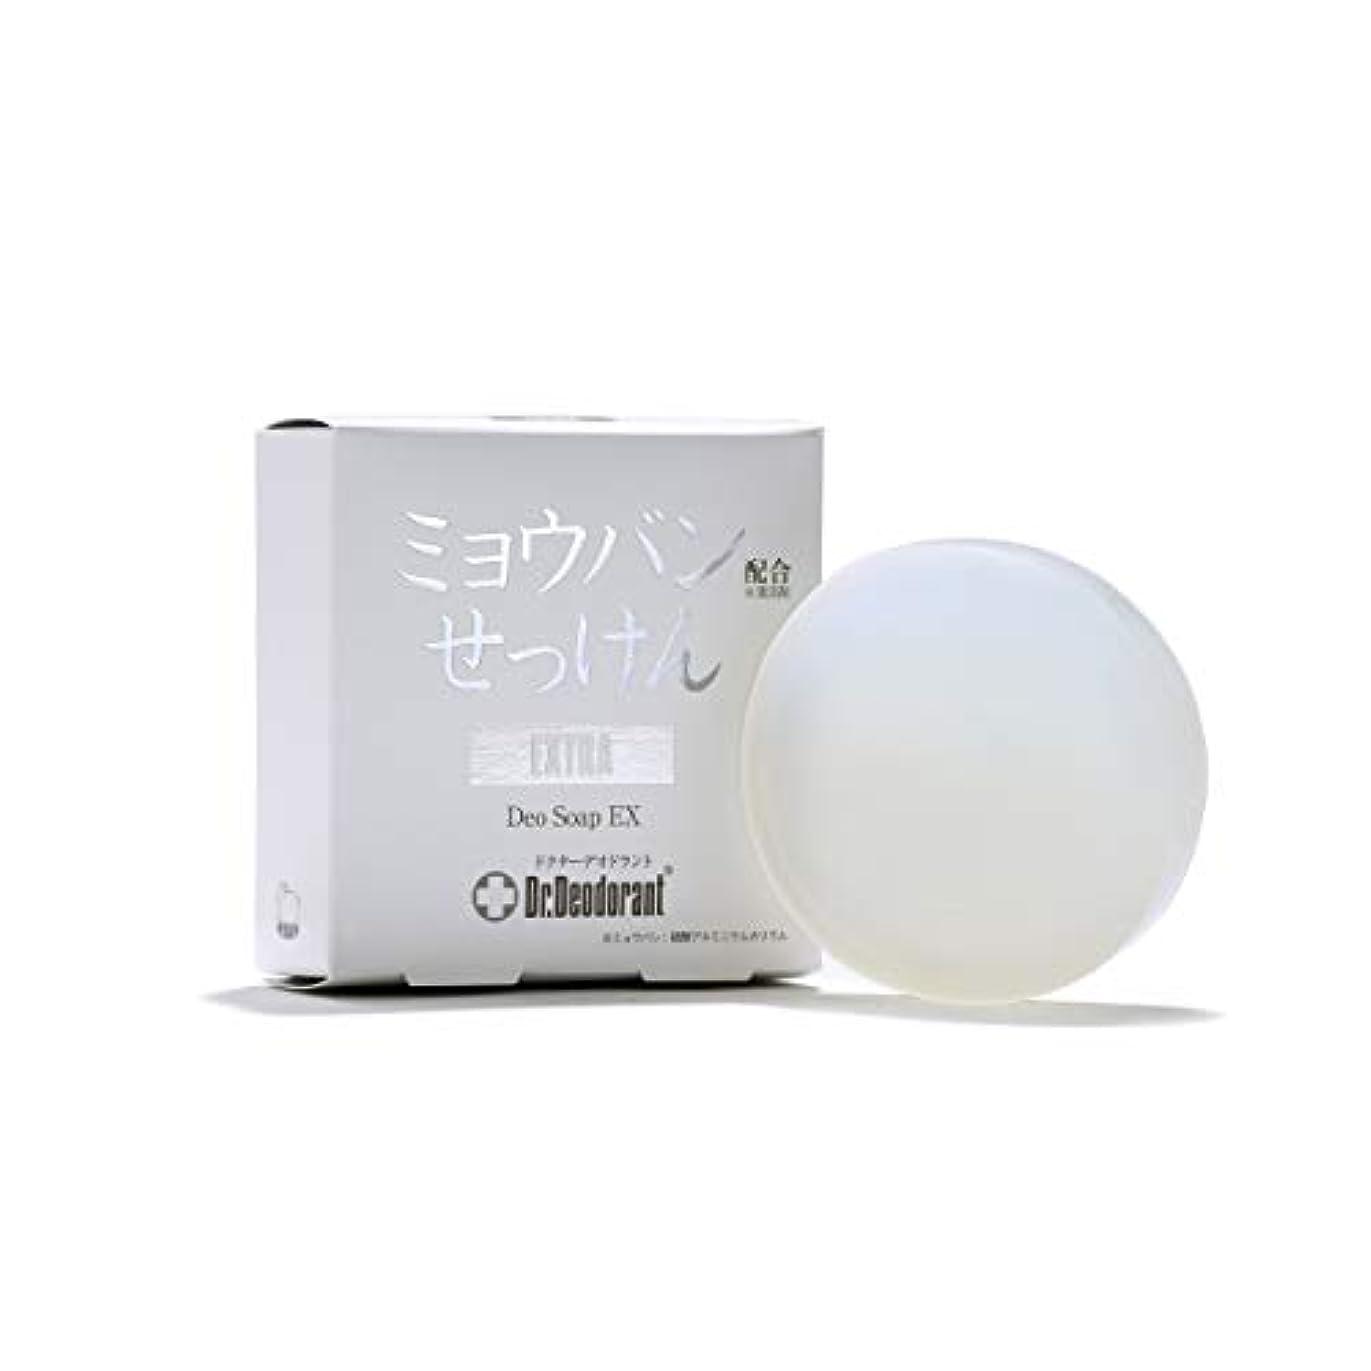 化合物同行トランジスタドクターデオドラント 薬用ミョウバンせっけんEX (単品)